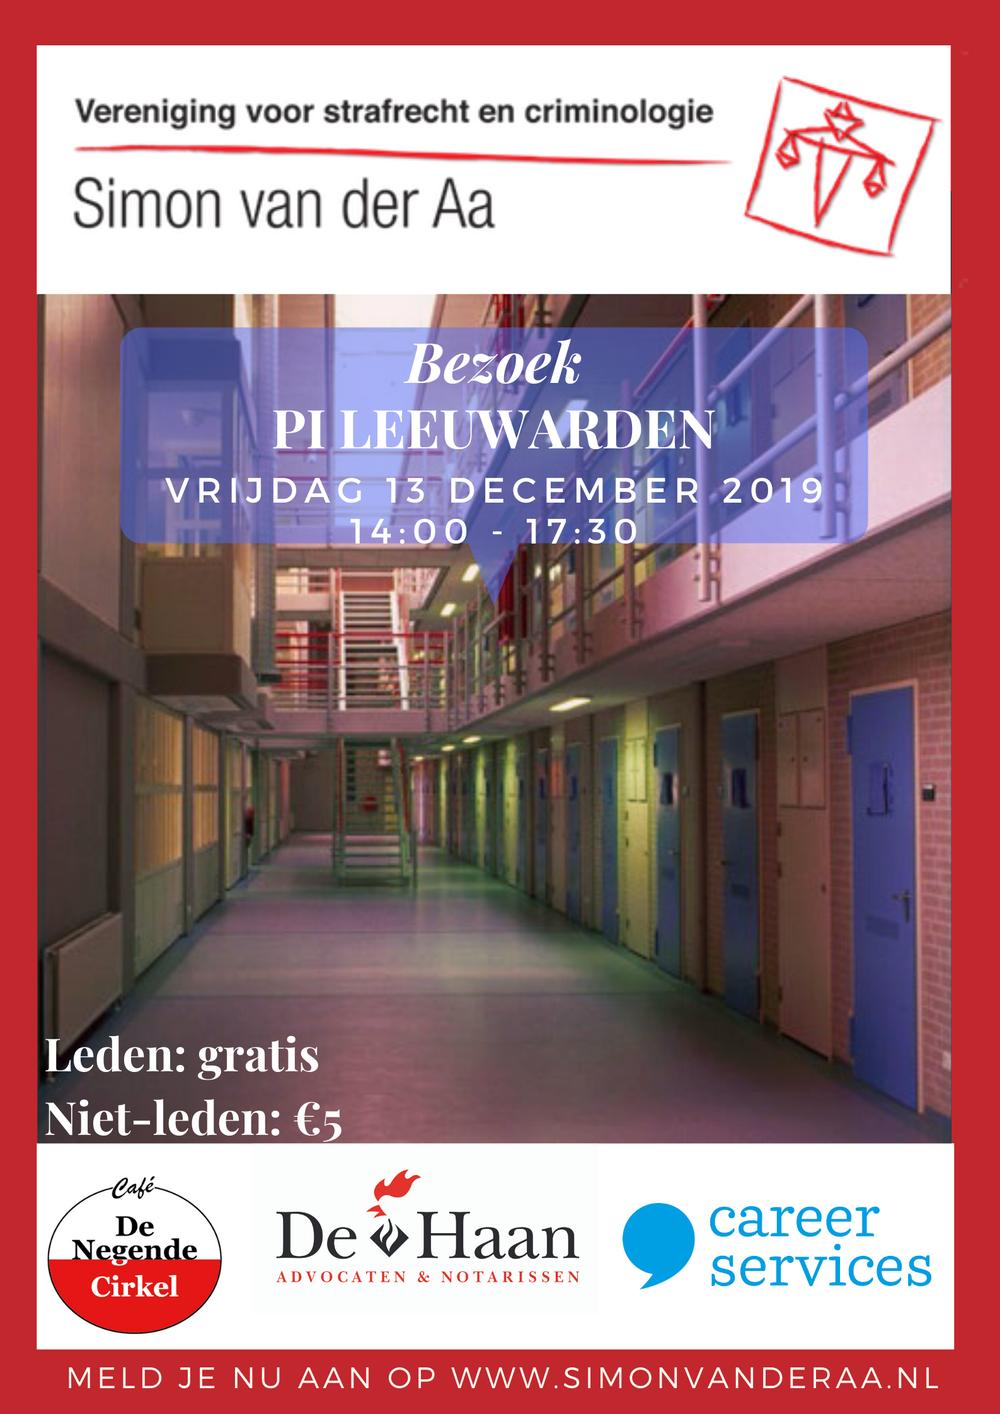 Bezoek PI Leeuwarden